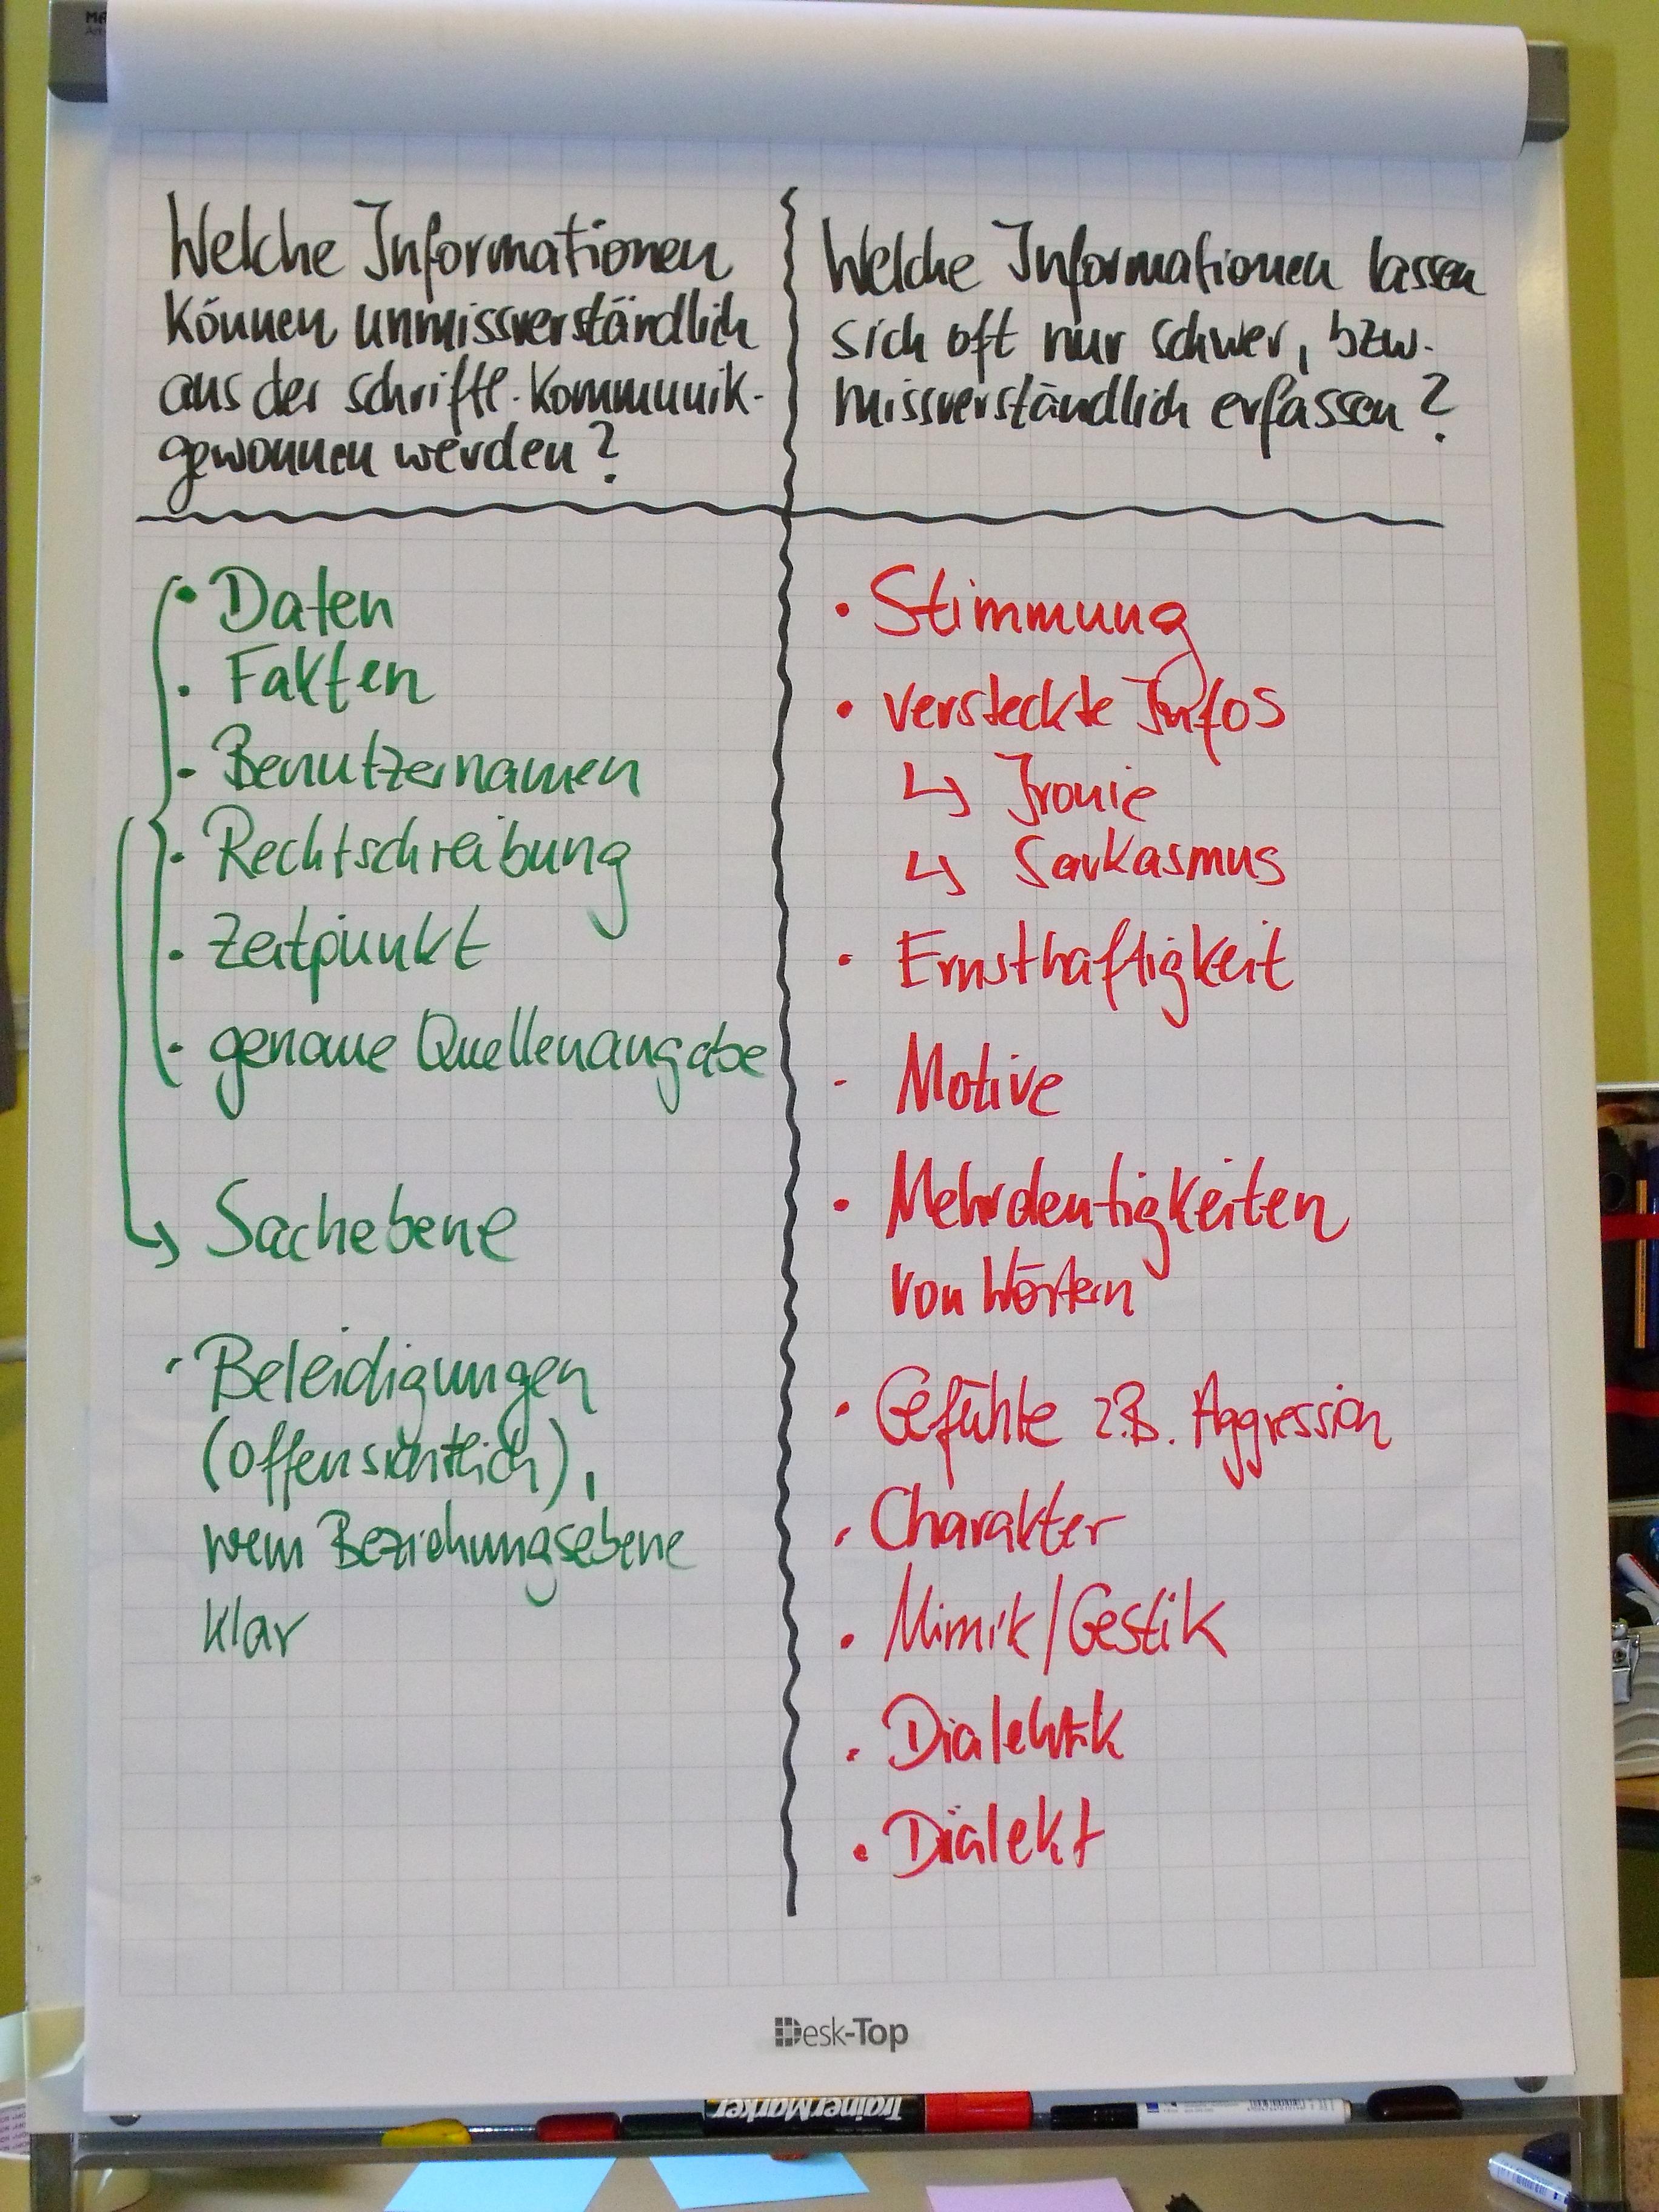 Dateiskillshare 2010 Ergebnisjpg Wikipedia